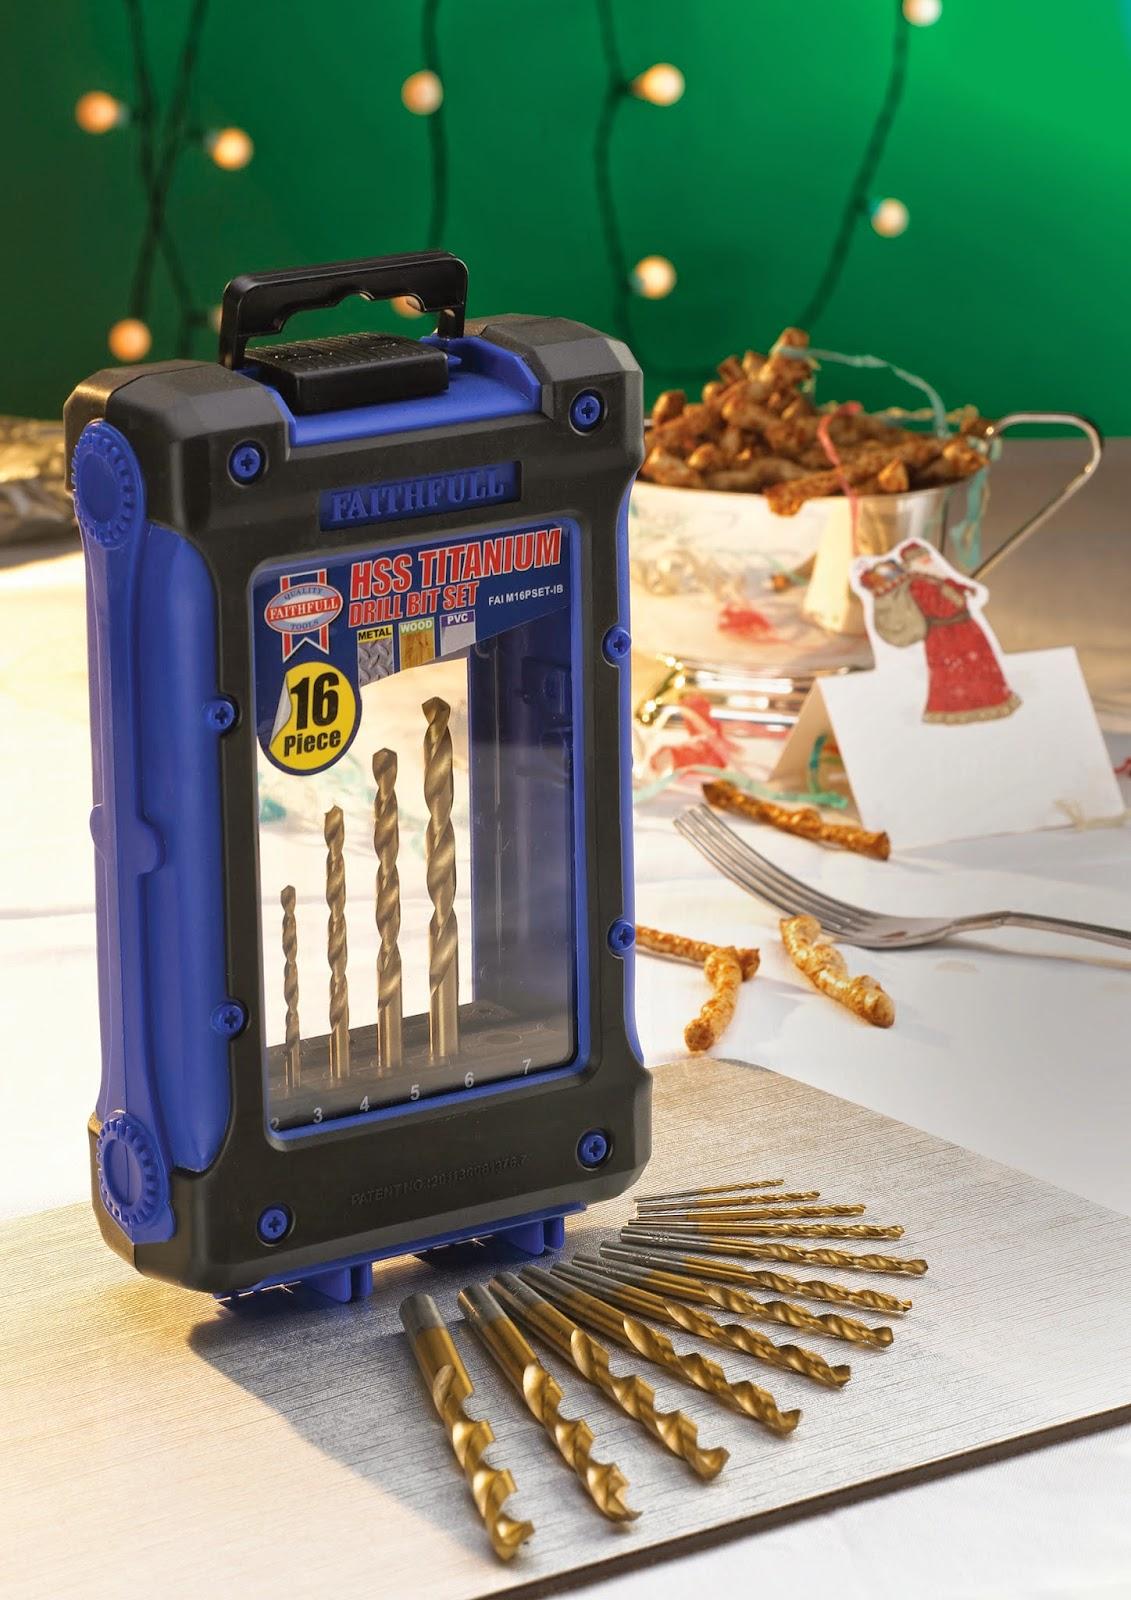 http://www.beesleyandfildes.co.uk/faithfull-16-piece-hss-drill-set-ref-xms14hss/